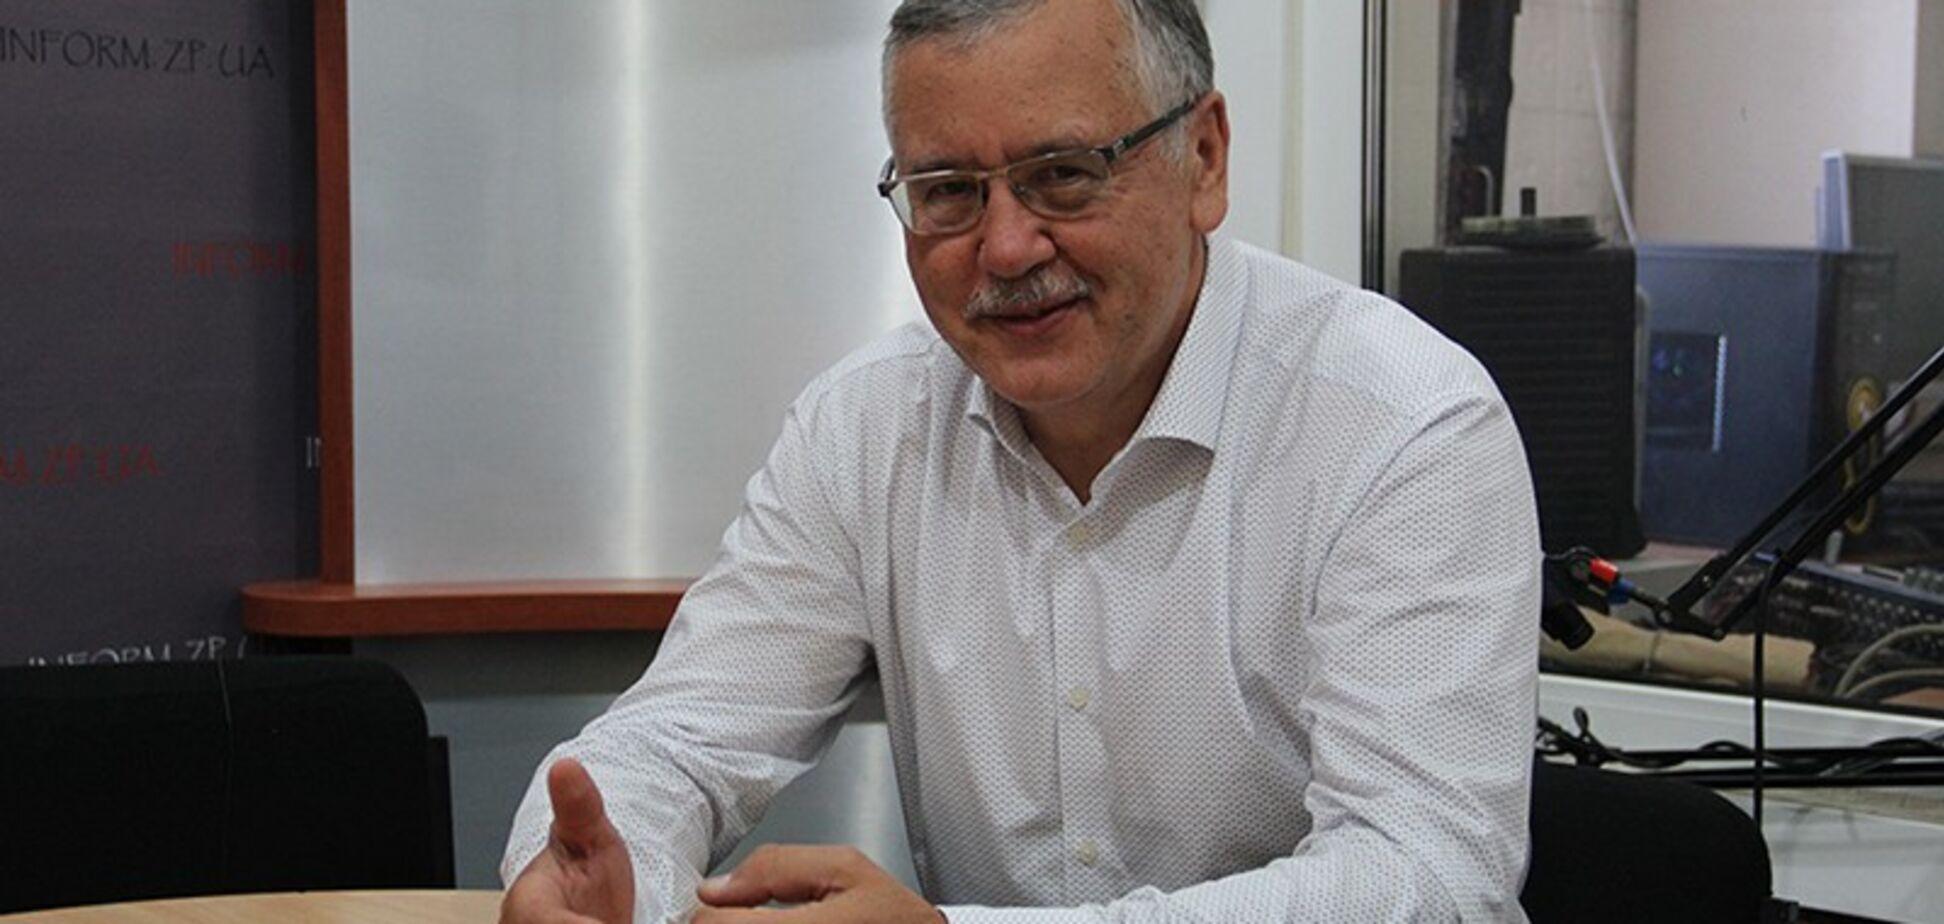 'Треба буде заплатити': Гриценко сказав, як вирішити проблему з єврономерами